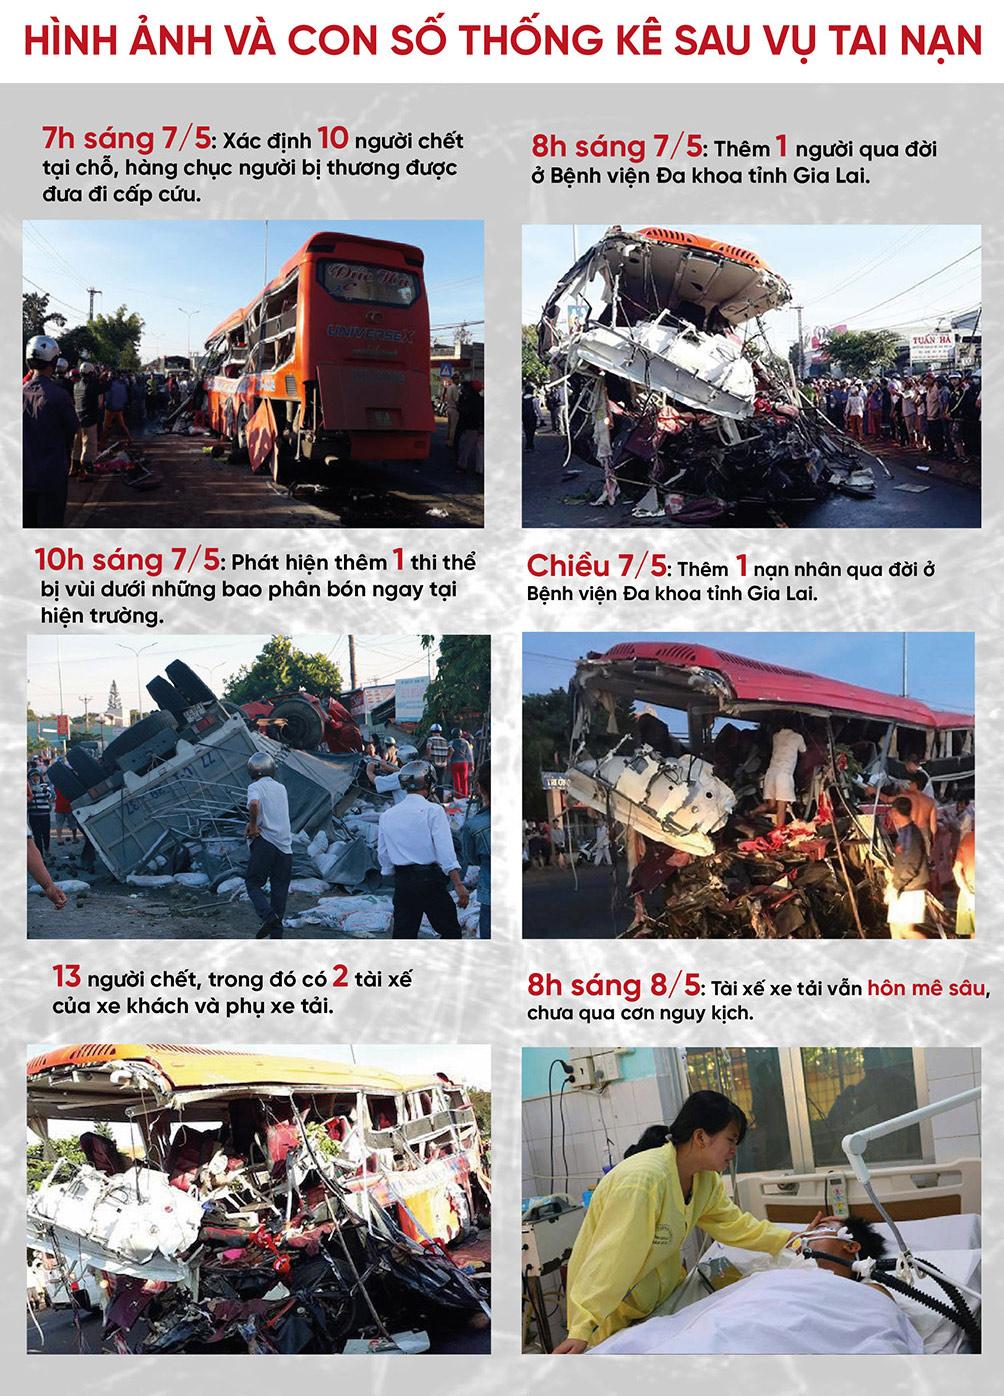 Toàn cảnh vụ tai nạn kinh hoàng khiến 13 người chết tại Gia Lai - 2